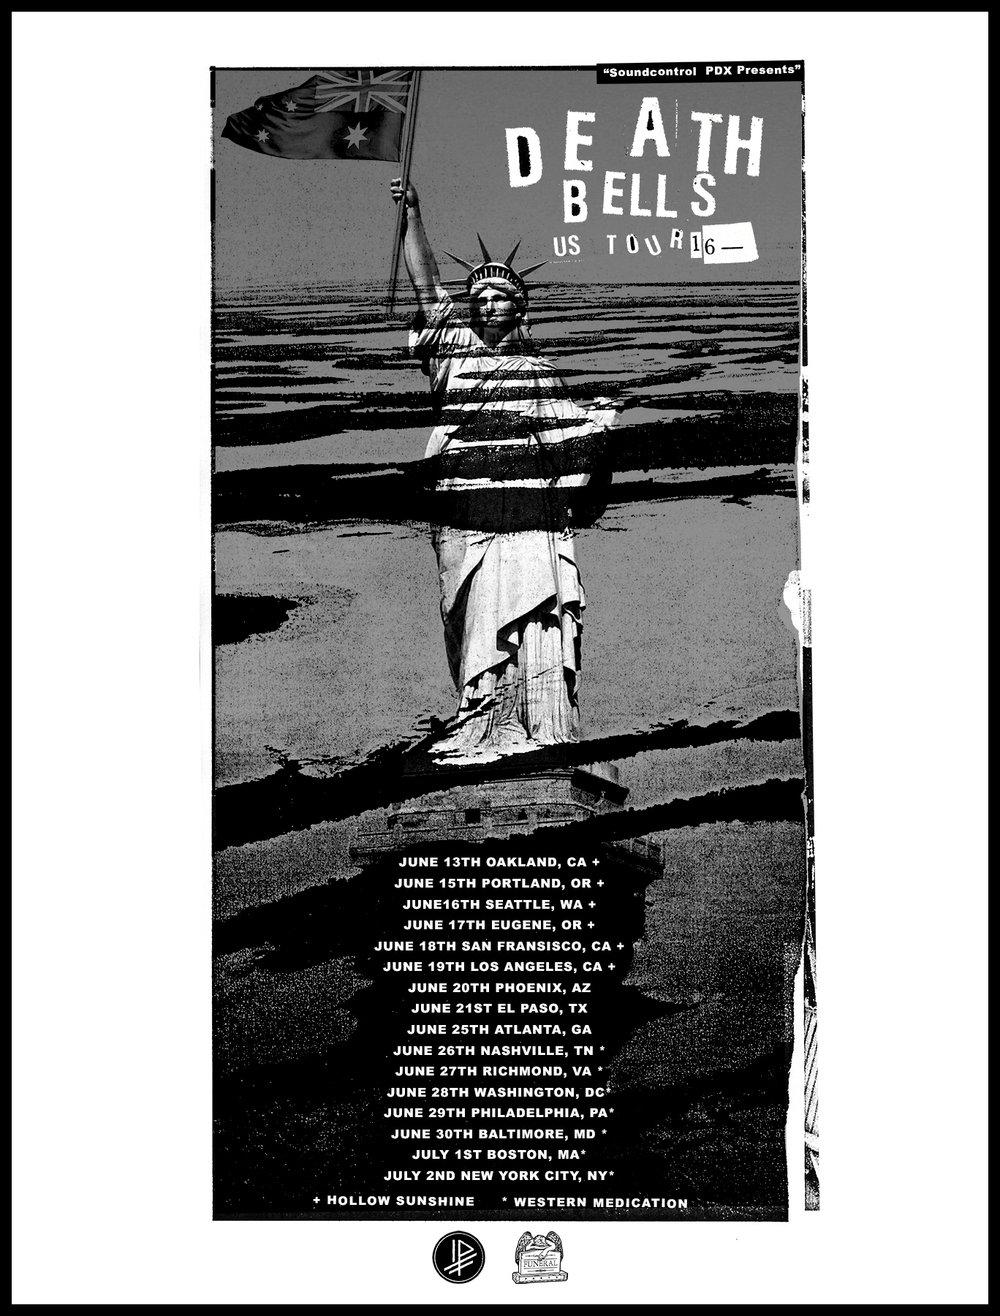 deathbellsposter-final.jpg